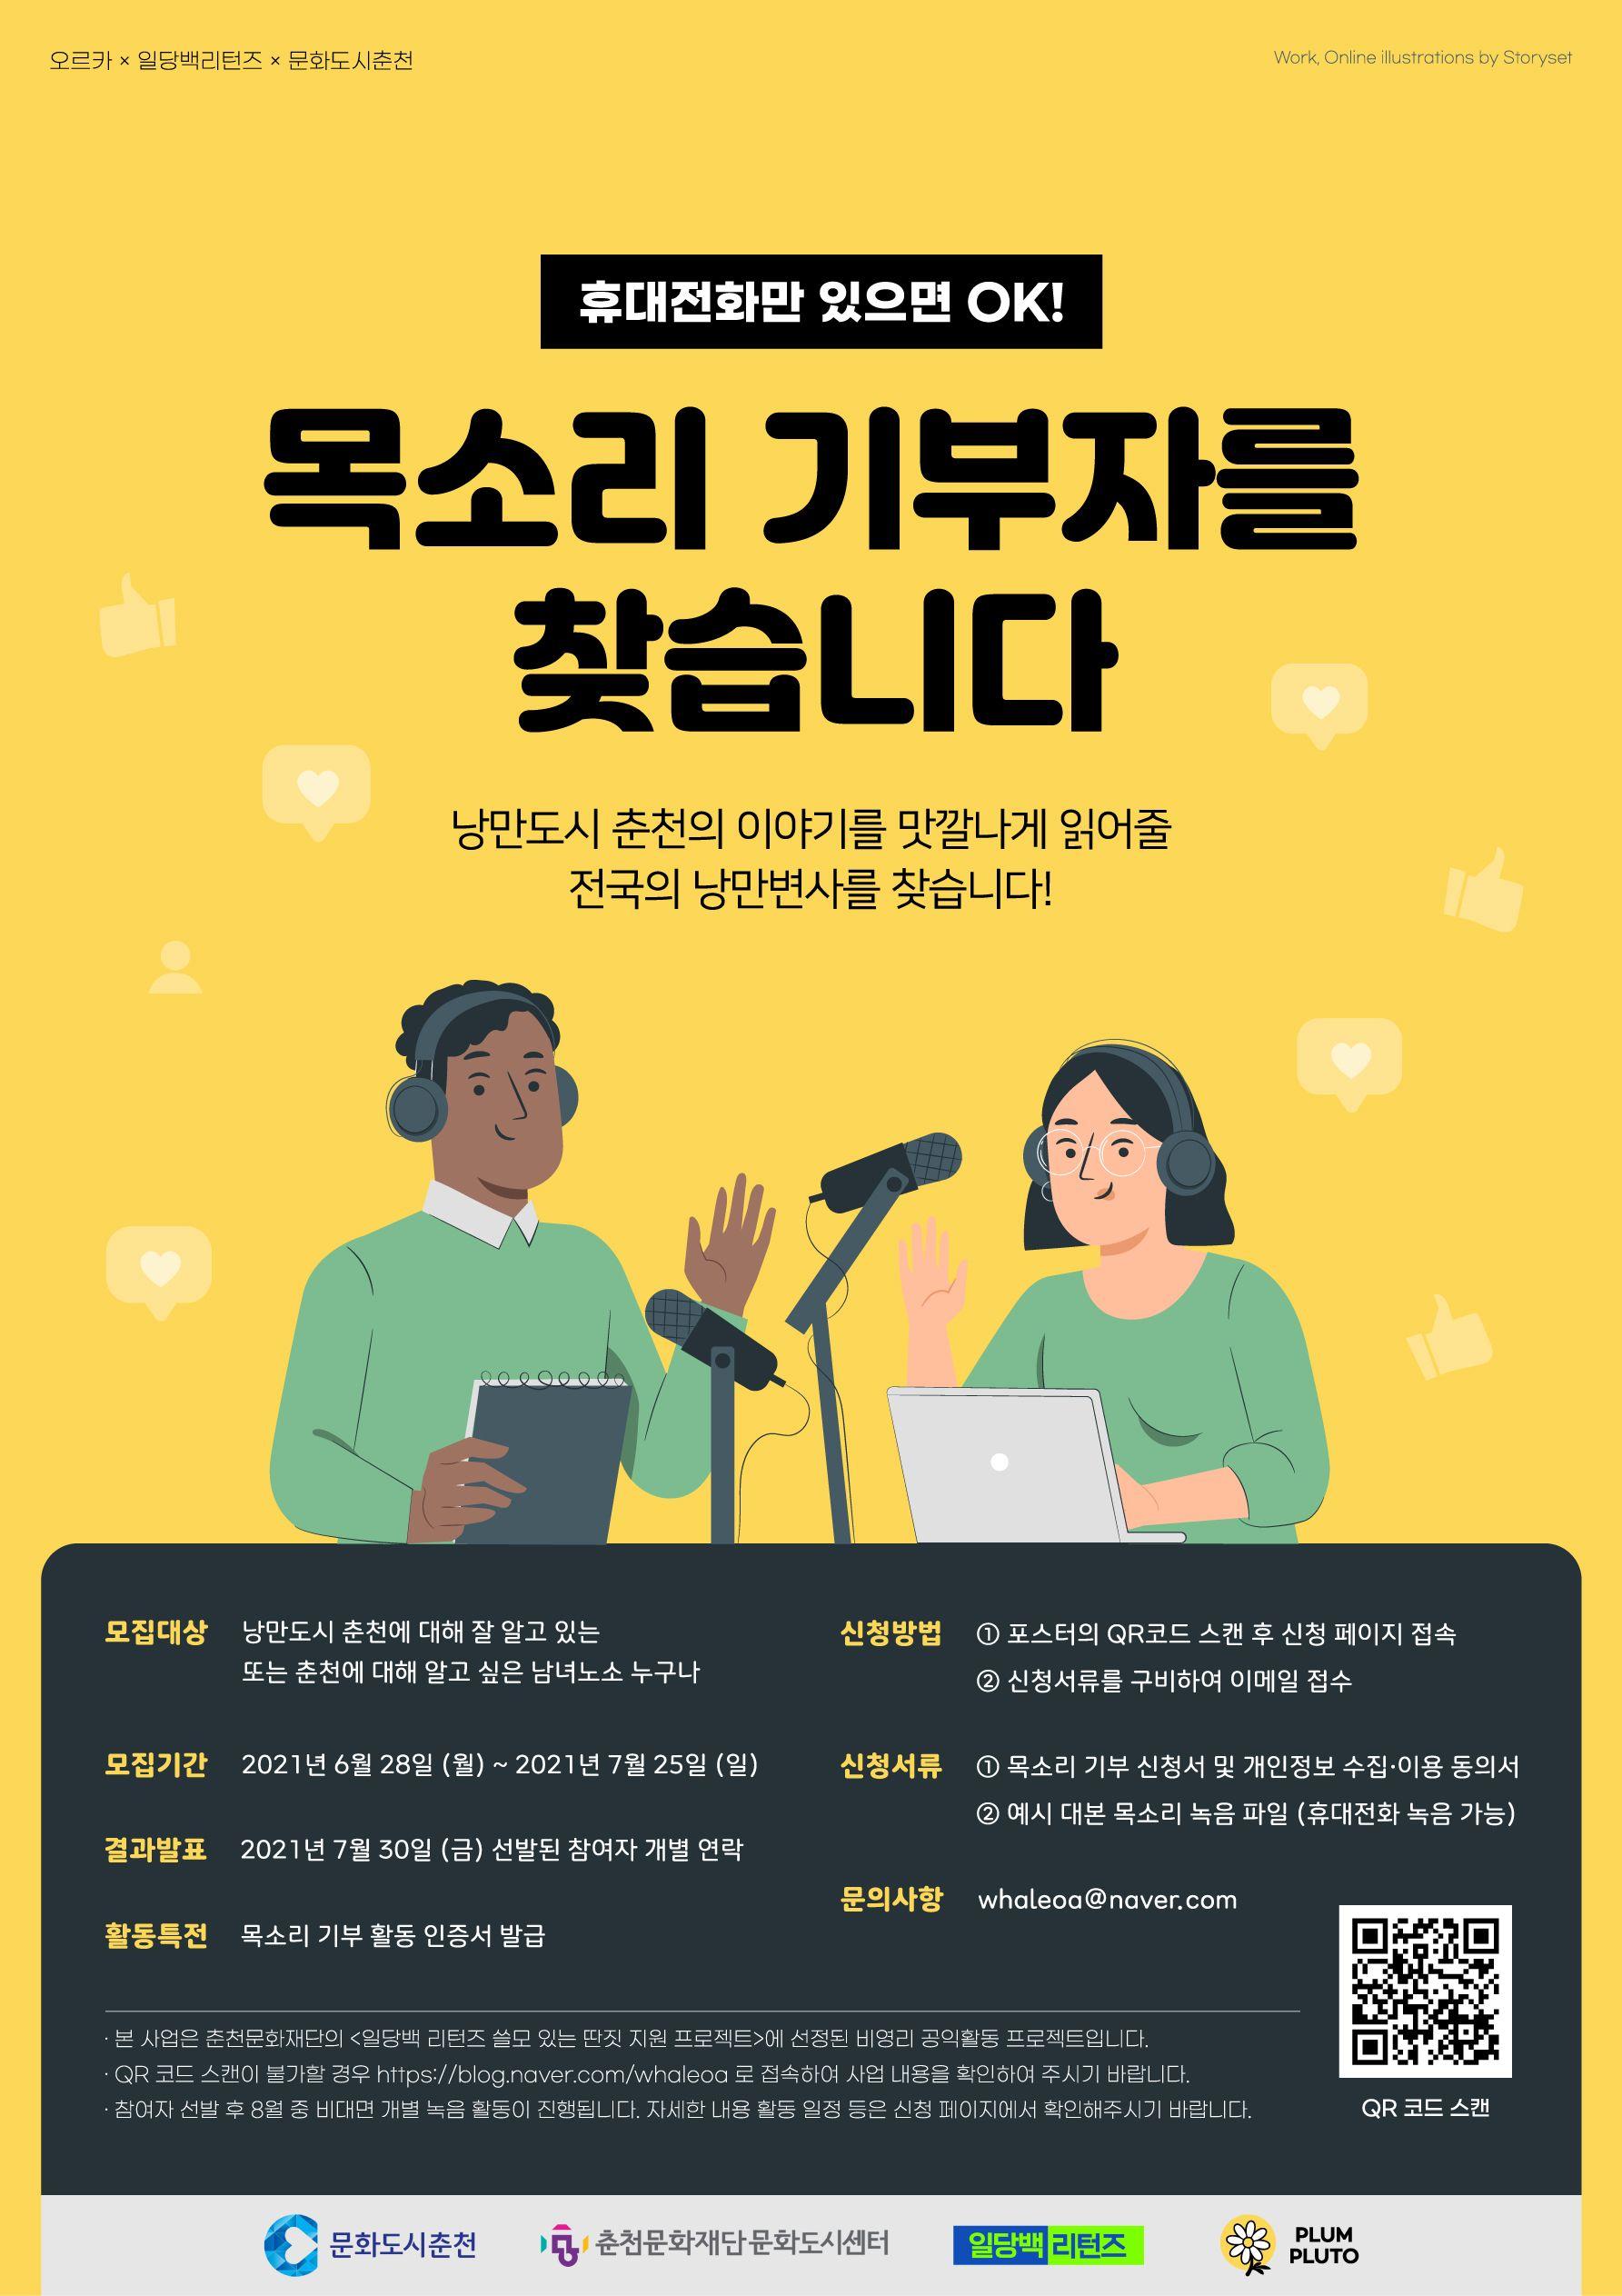 도시낭독 콘텐츠 제작 프로젝트 <낭만변사의 도시낭독기> 목소리 기부 참여자 모집!